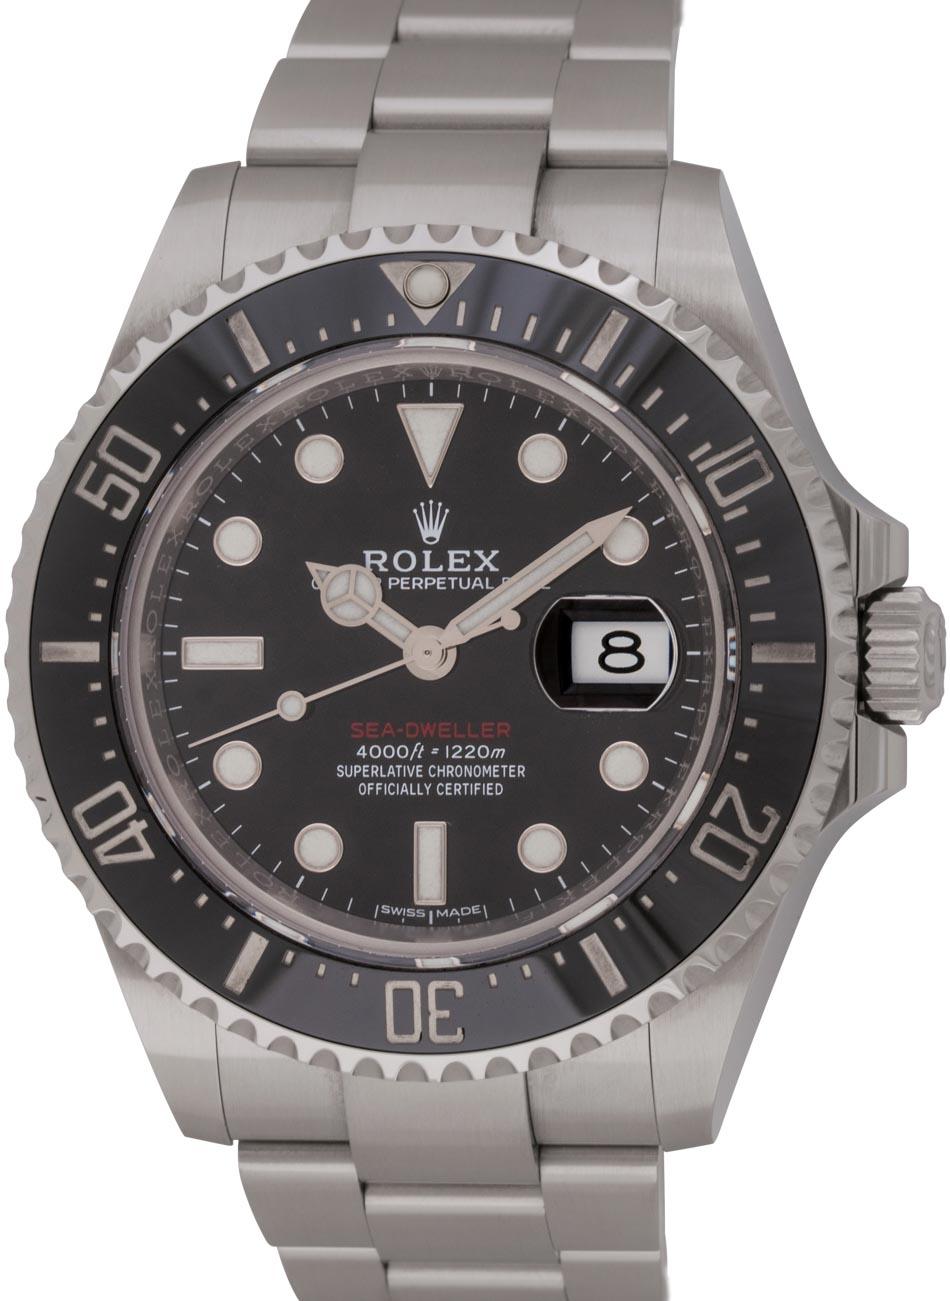 Rolex sea dweller 43mm 126600 bernard watch for Rolex sea wweller